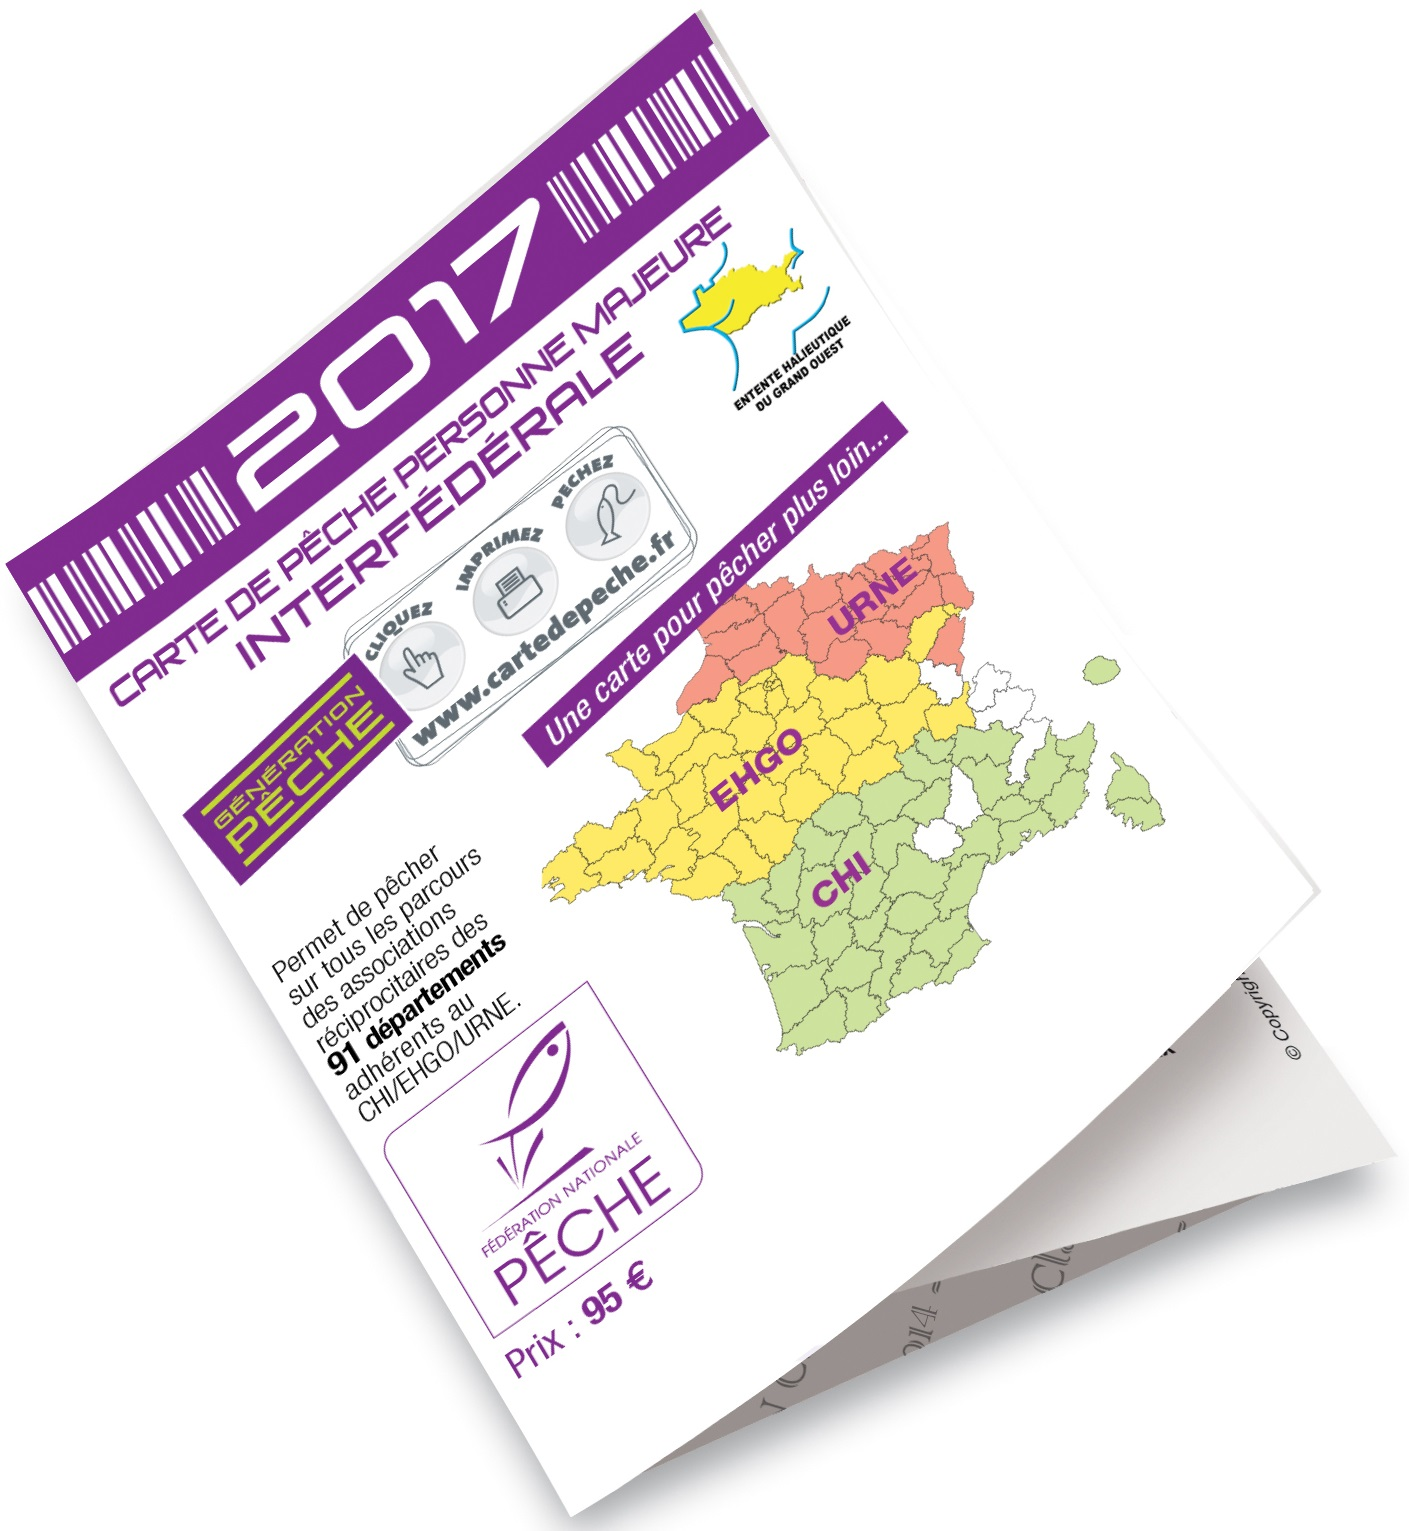 carte de peche a la journée prix Carte de pêche 2020   Fédération de pêche de Saône et Loire